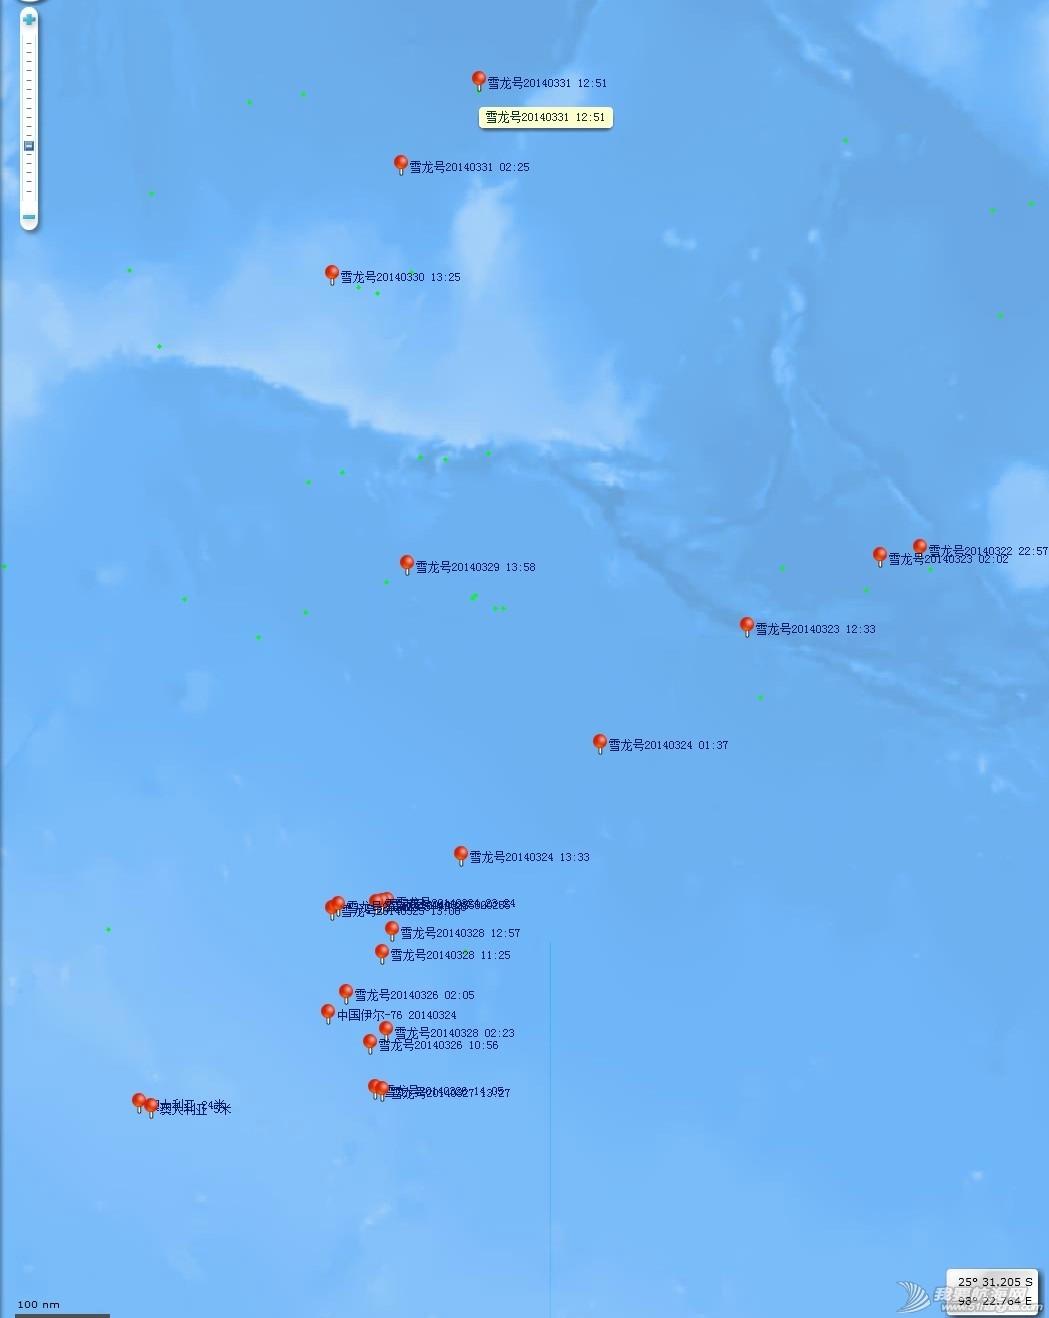 """印度洋,MH370,雪龙号,极地科考,南极科考 【雪龙动态】2014年3月31日 """"雪龙""""号结束南印度洋搜寻任务启程回国 QQ图片20140331220621.jpg"""